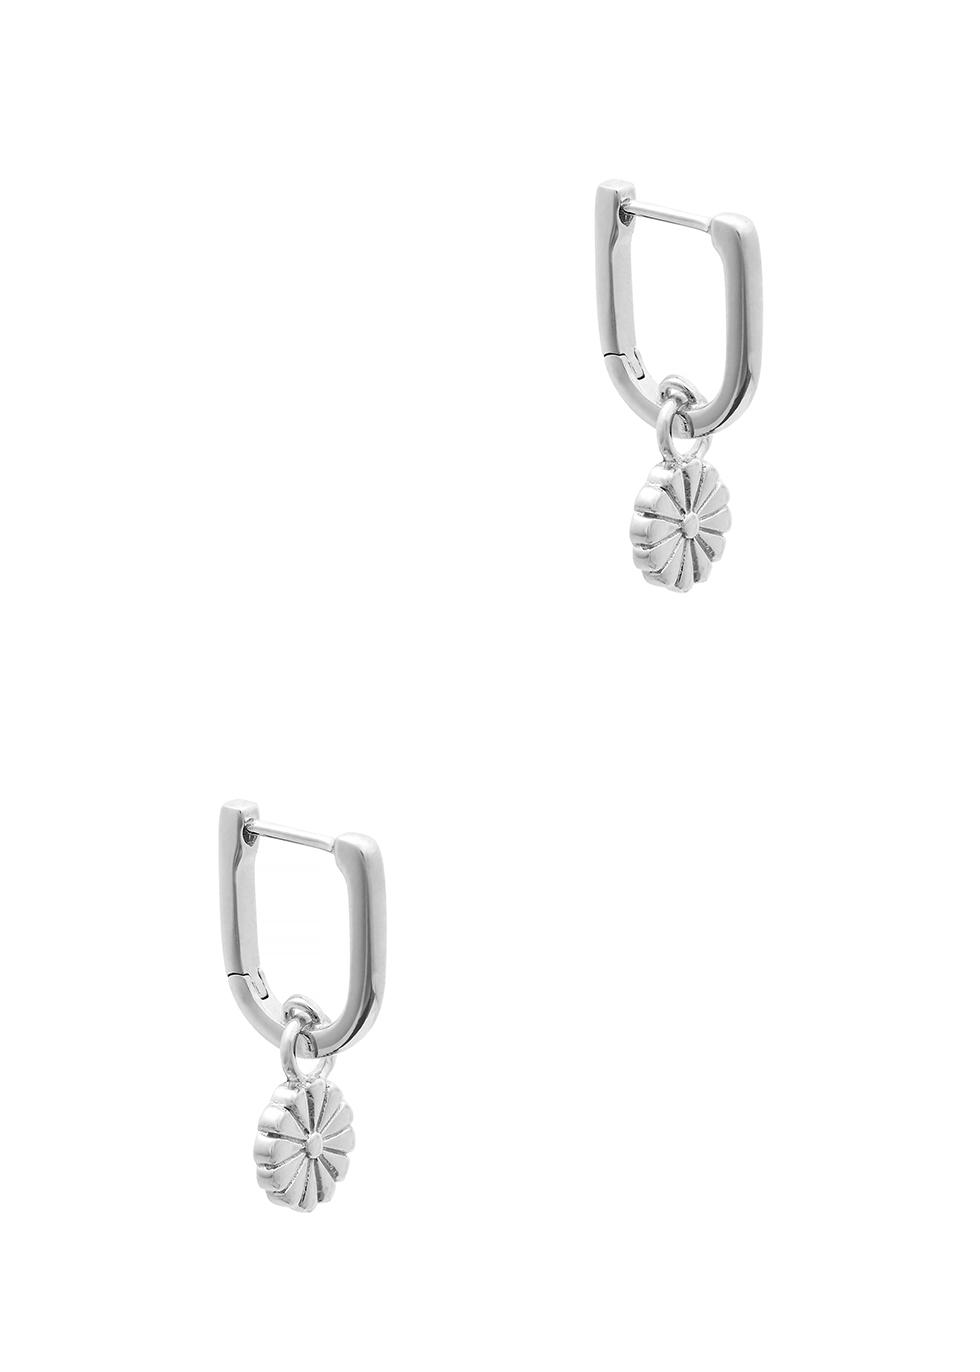 Daisy sterling silver huggie earrings